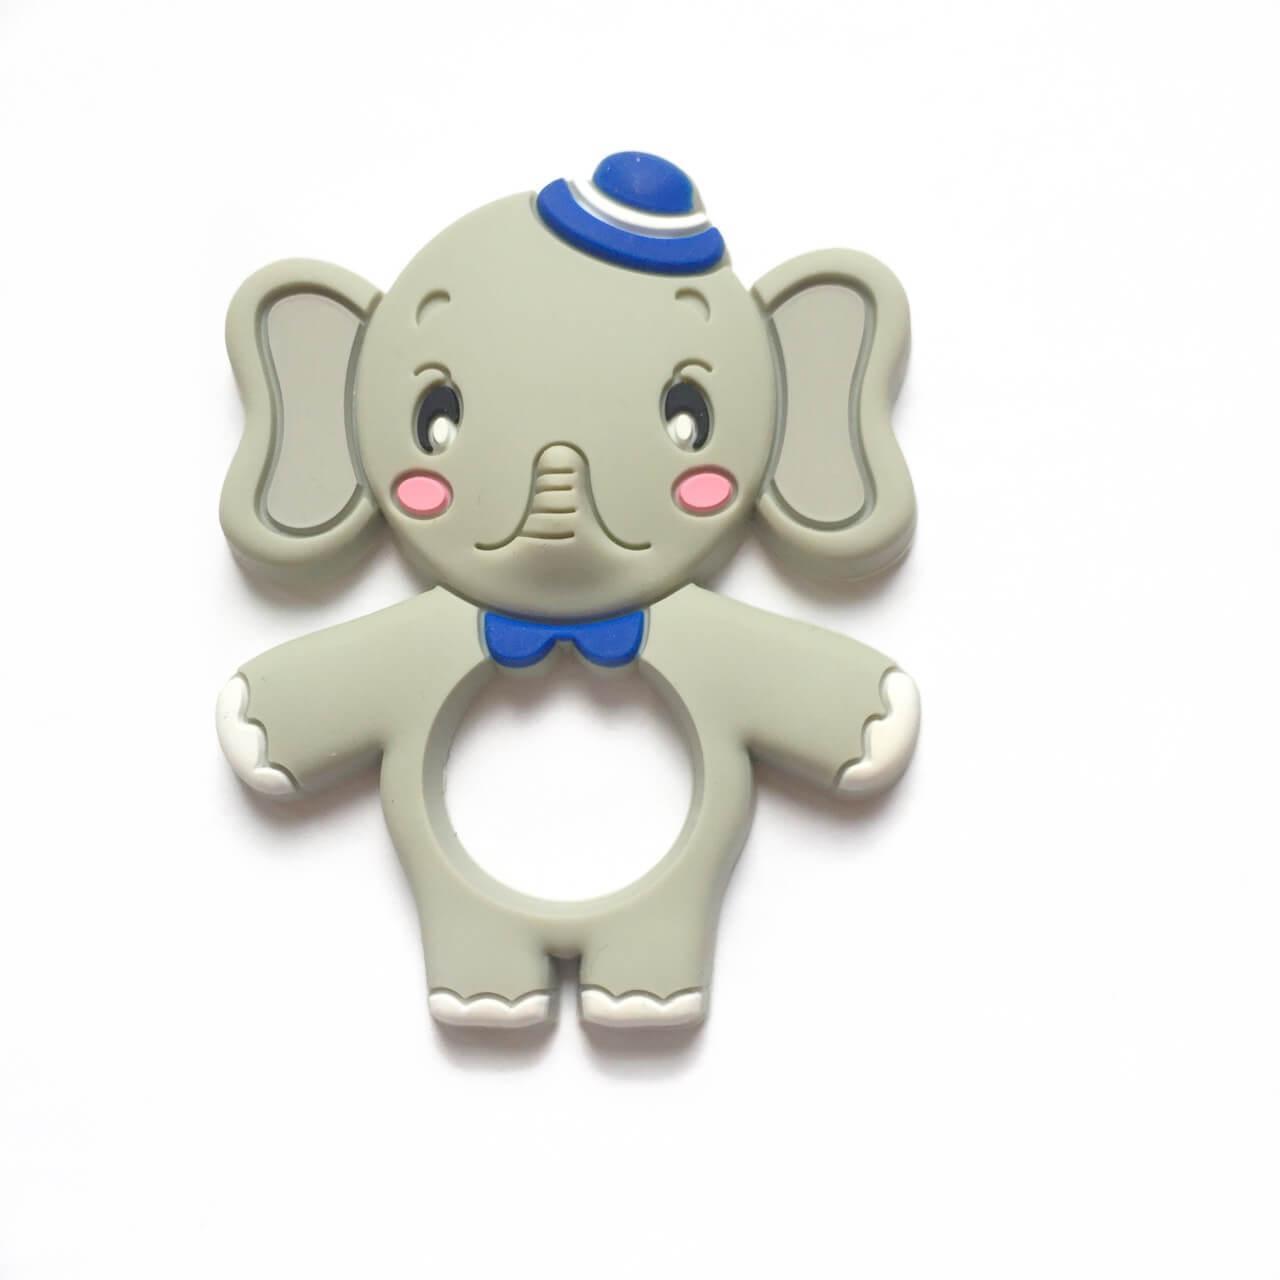 Слон со шляпкой (силиконовые грызунки) светло-серый